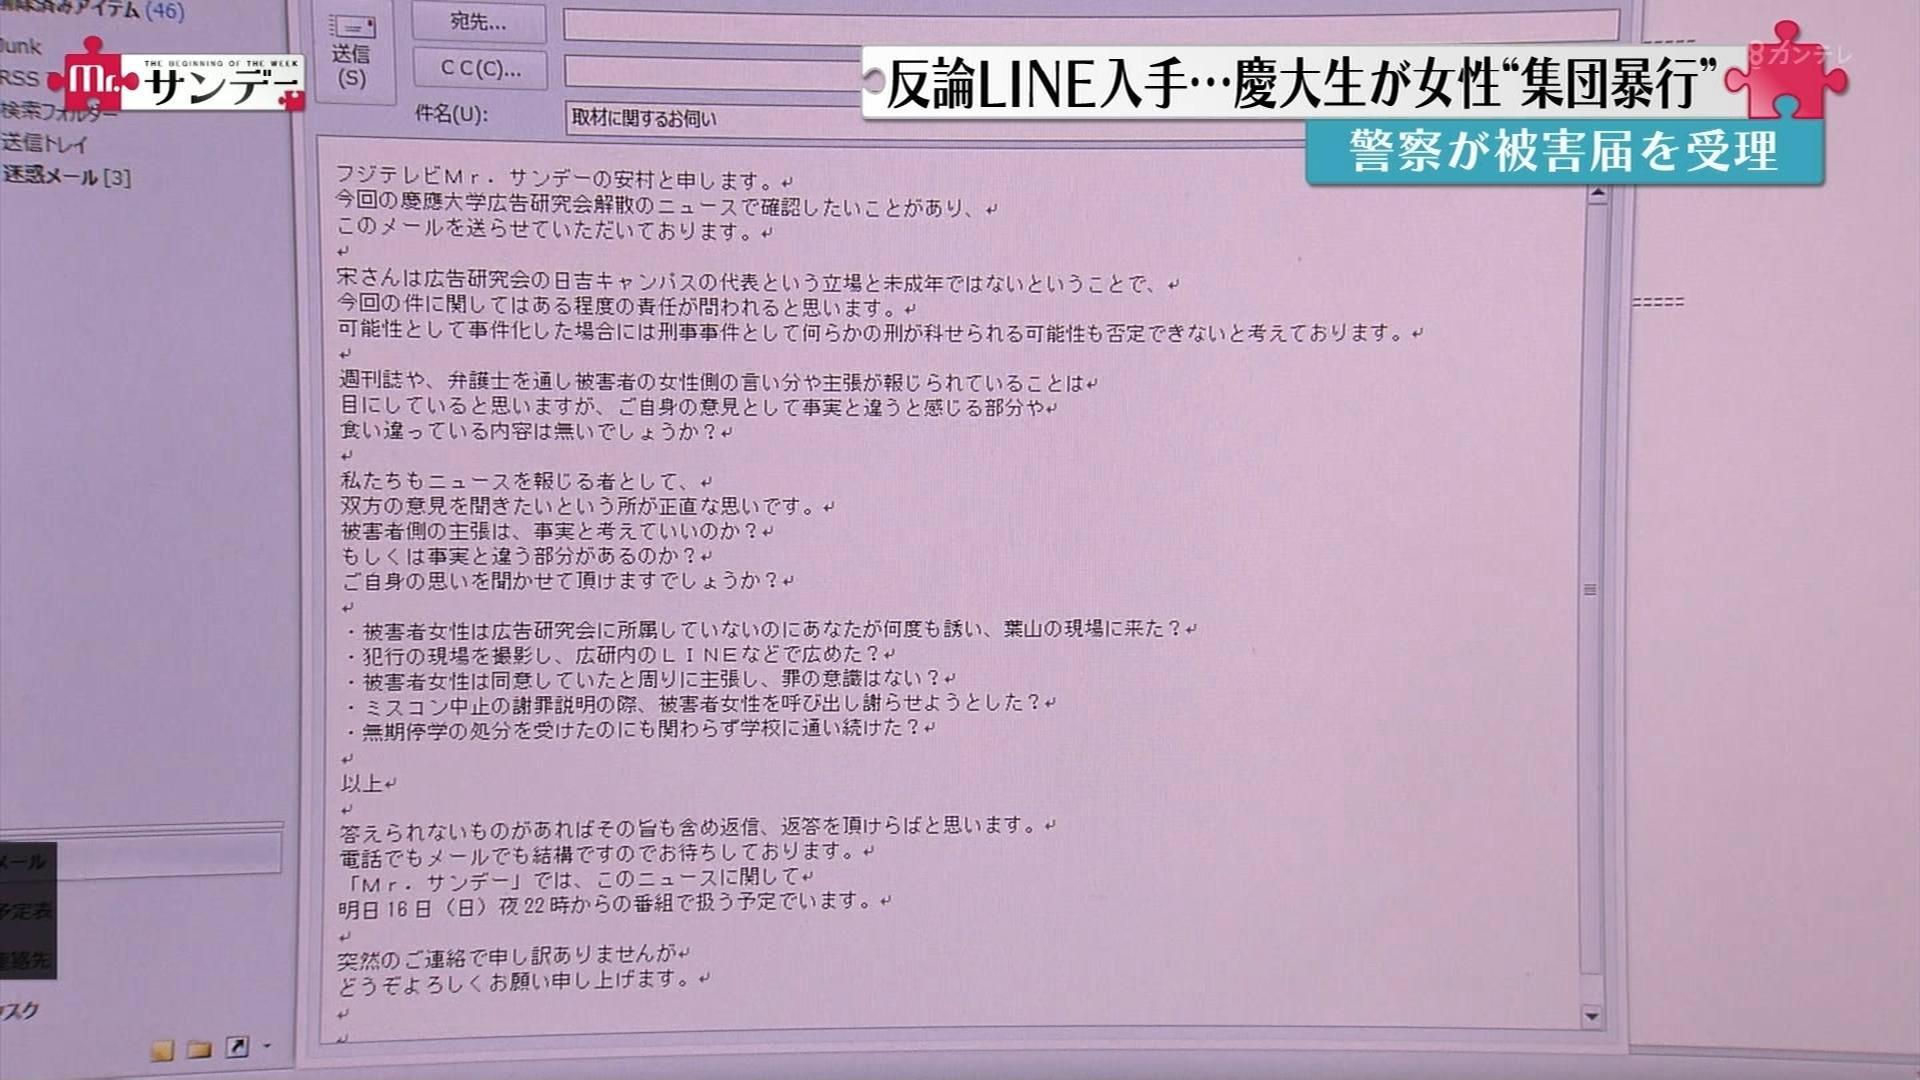 慶應大学が学生団体の性犯罪を隠蔽 [無断転載禁止]©2ch.netYouTube動画>7本 ->画像>177枚